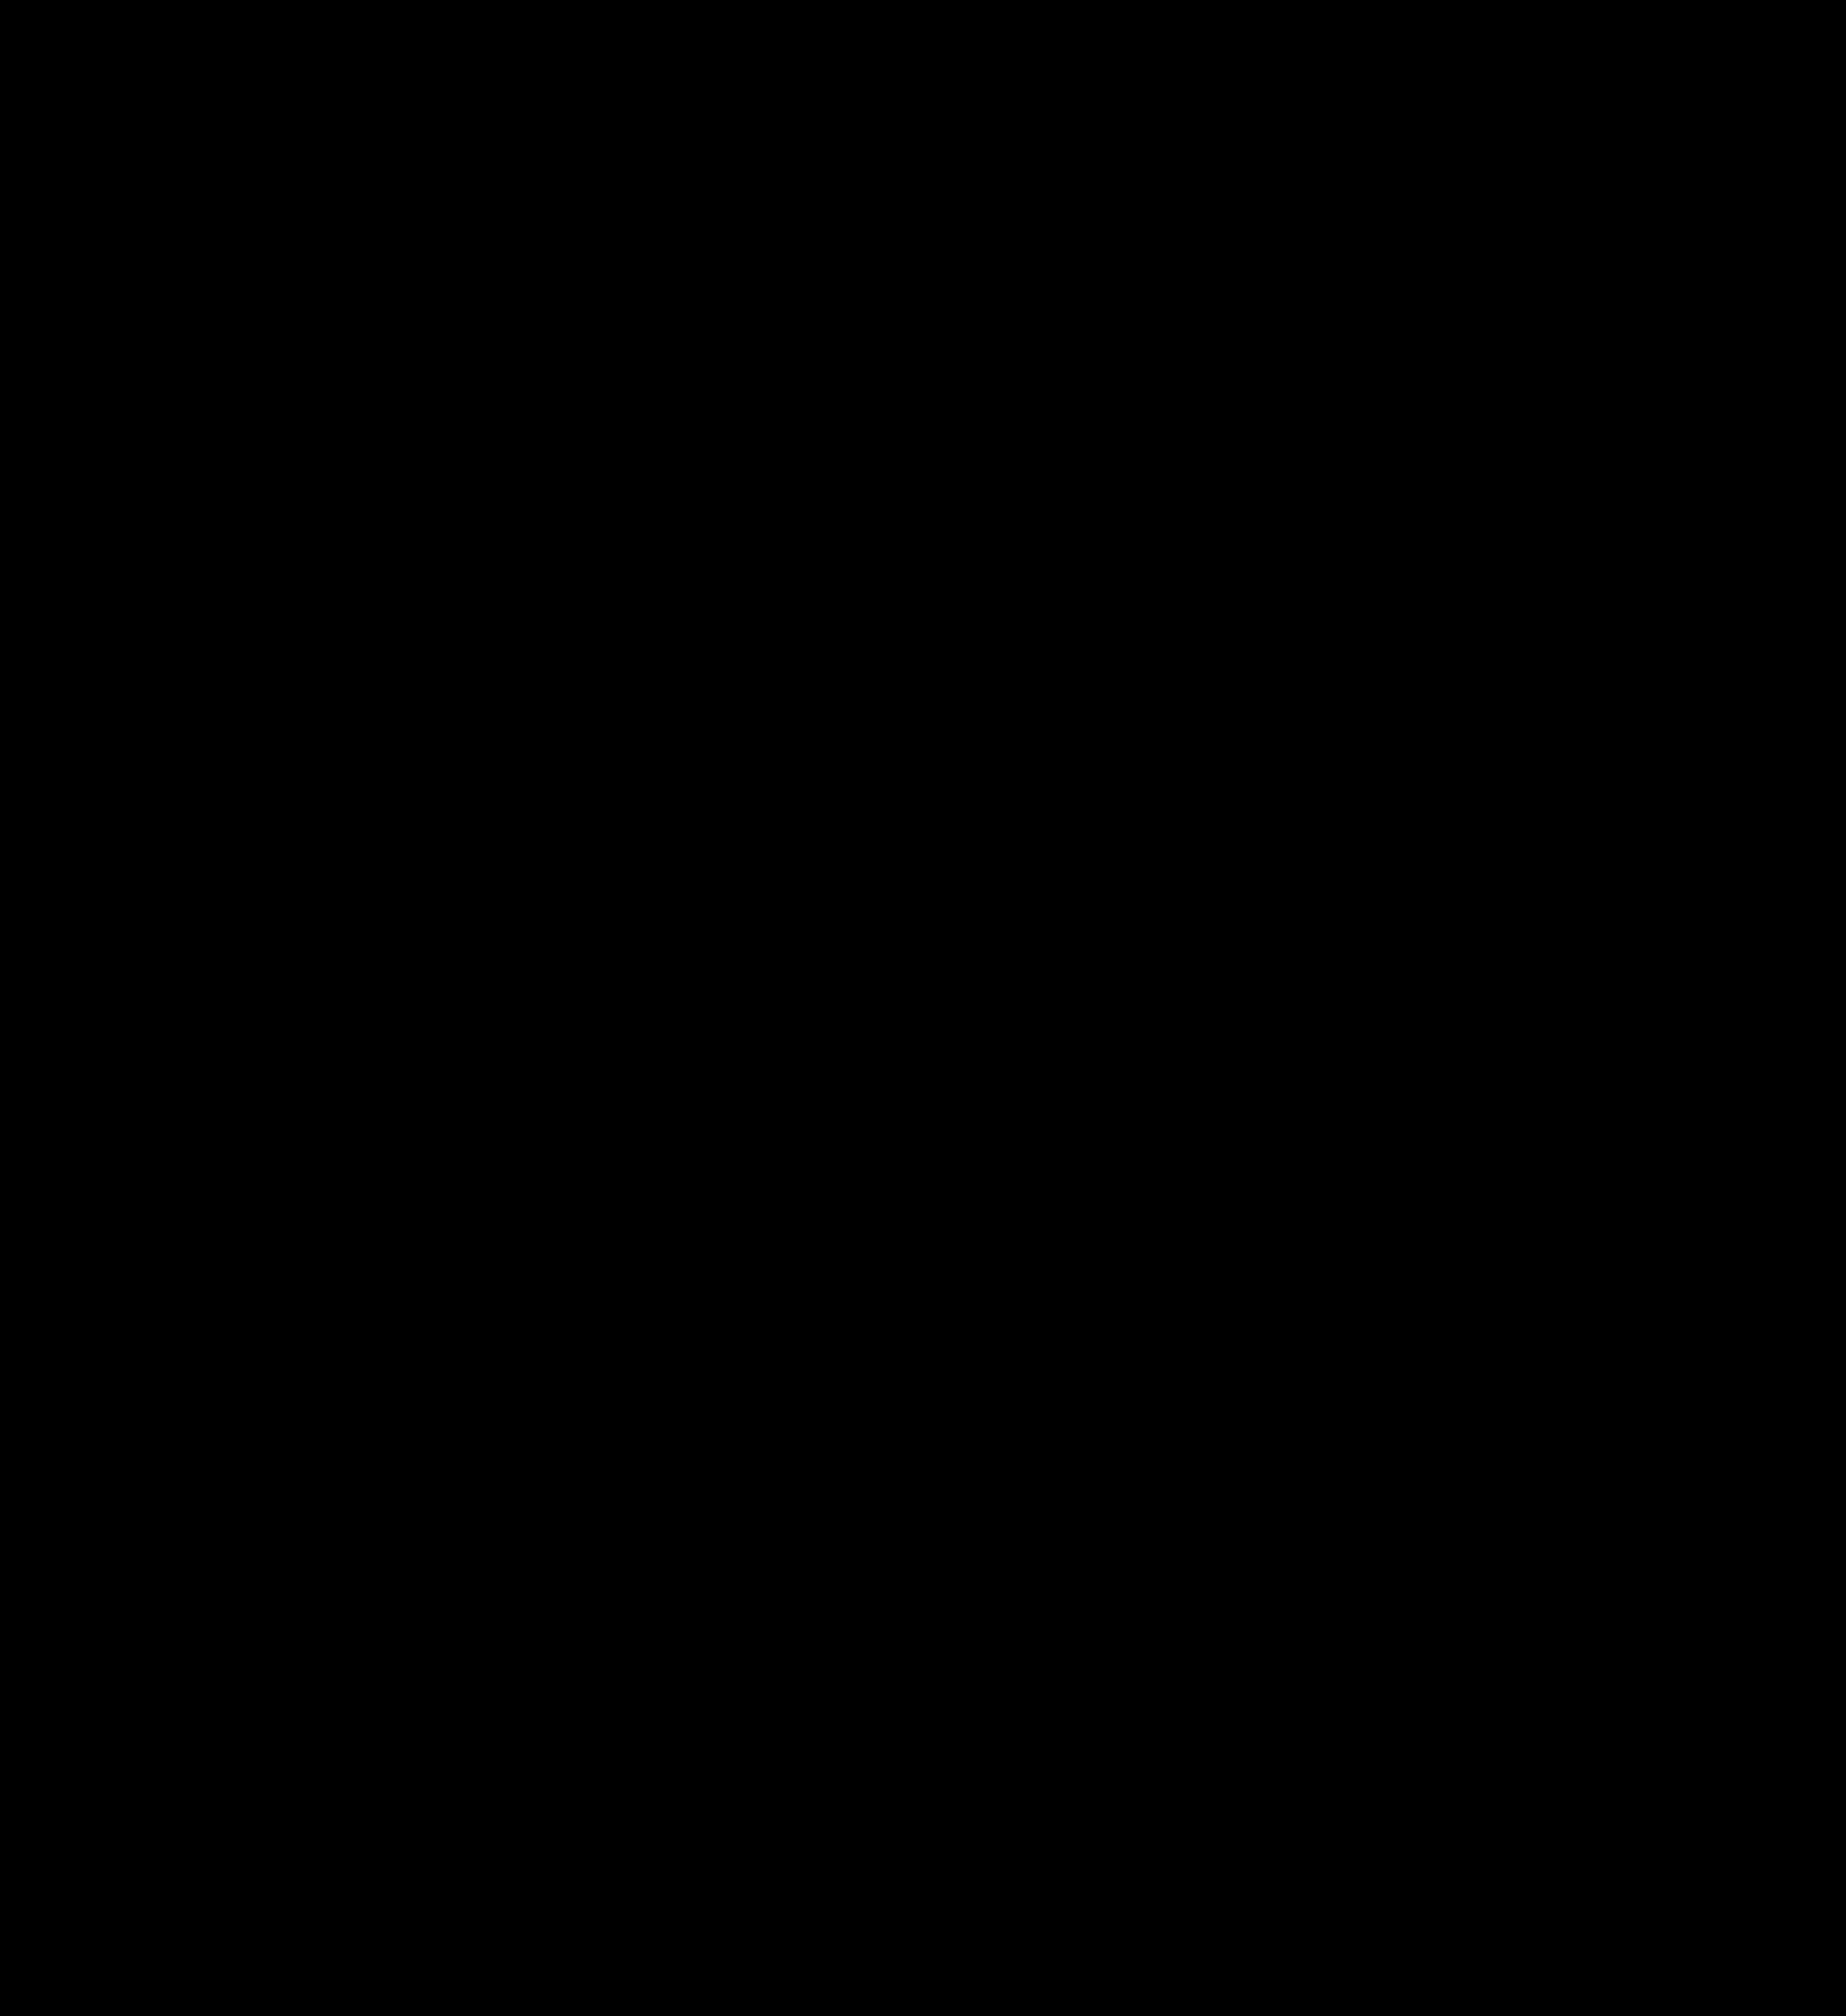 Suit clipart logo. Trump card scott s